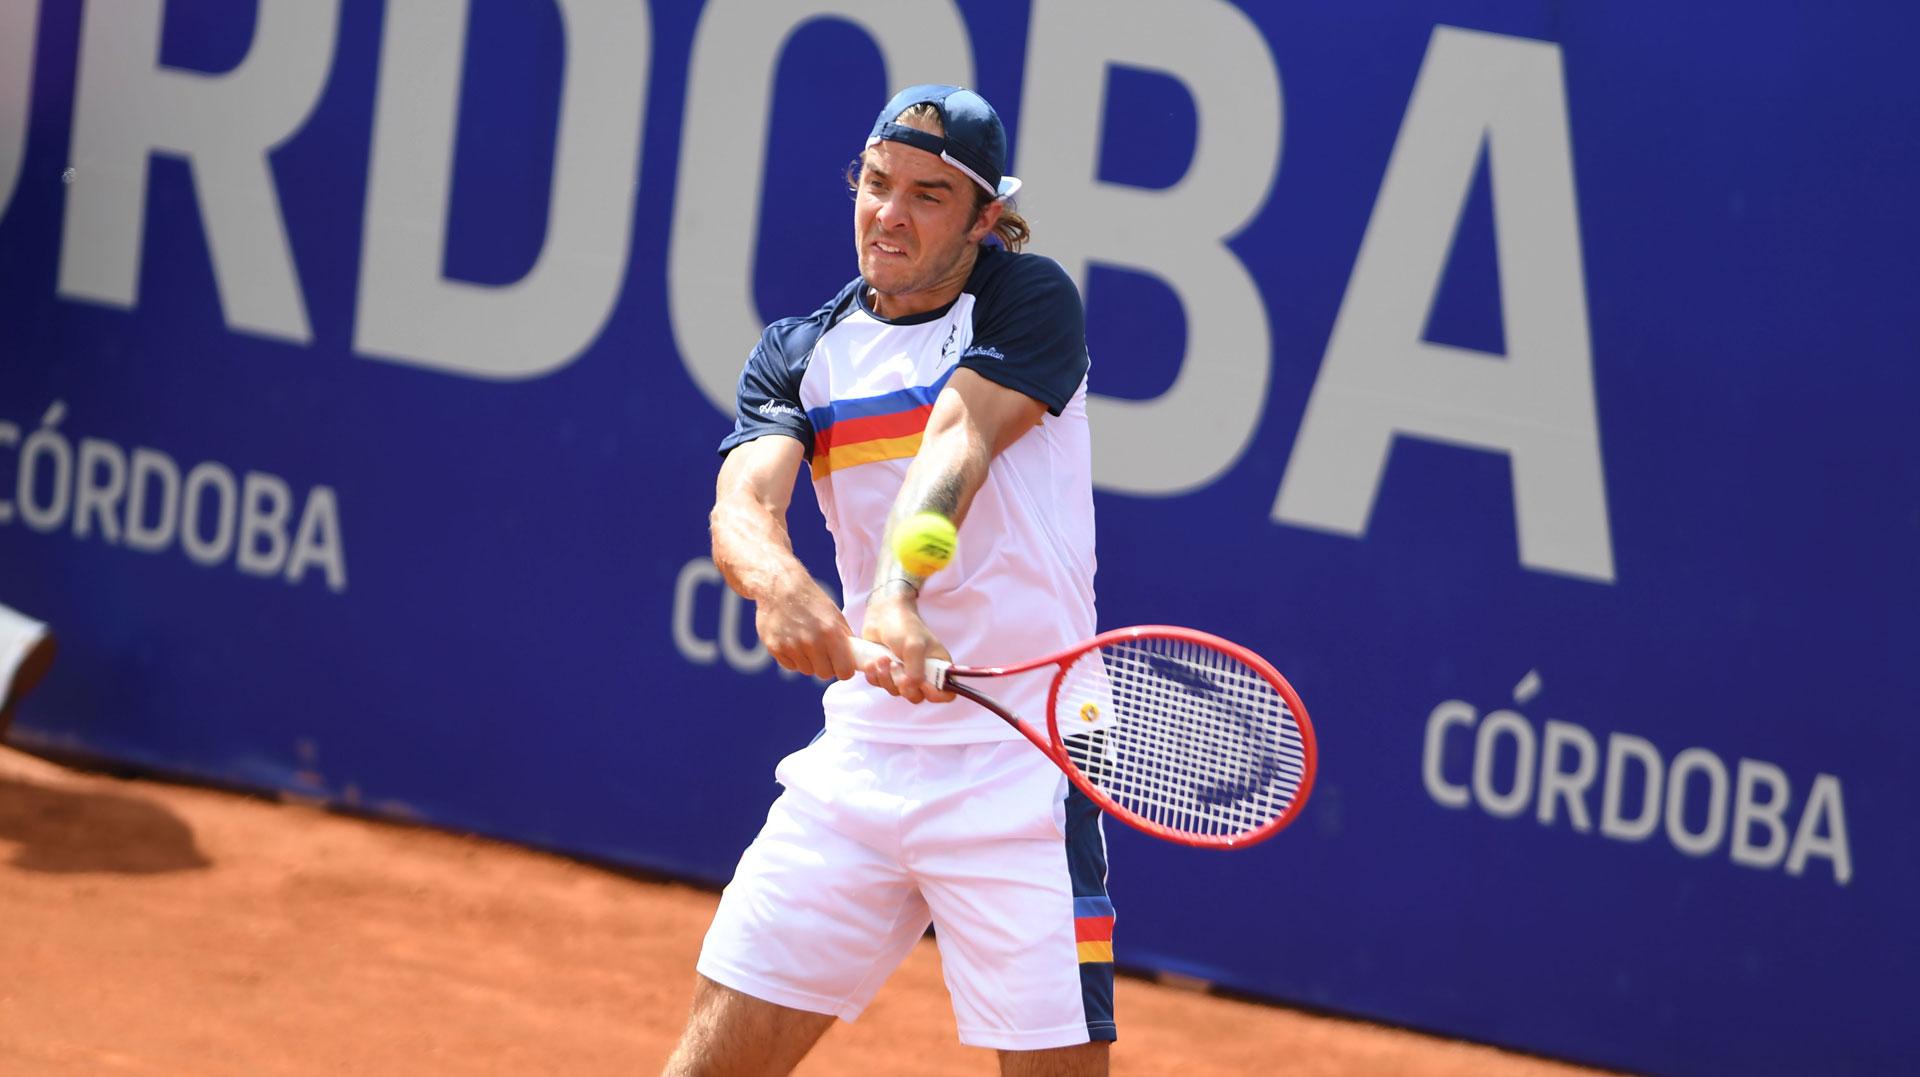 El eslovaco Andrej Martin fue semifinalista el año pasado y jugará la qualy en Córdoba.